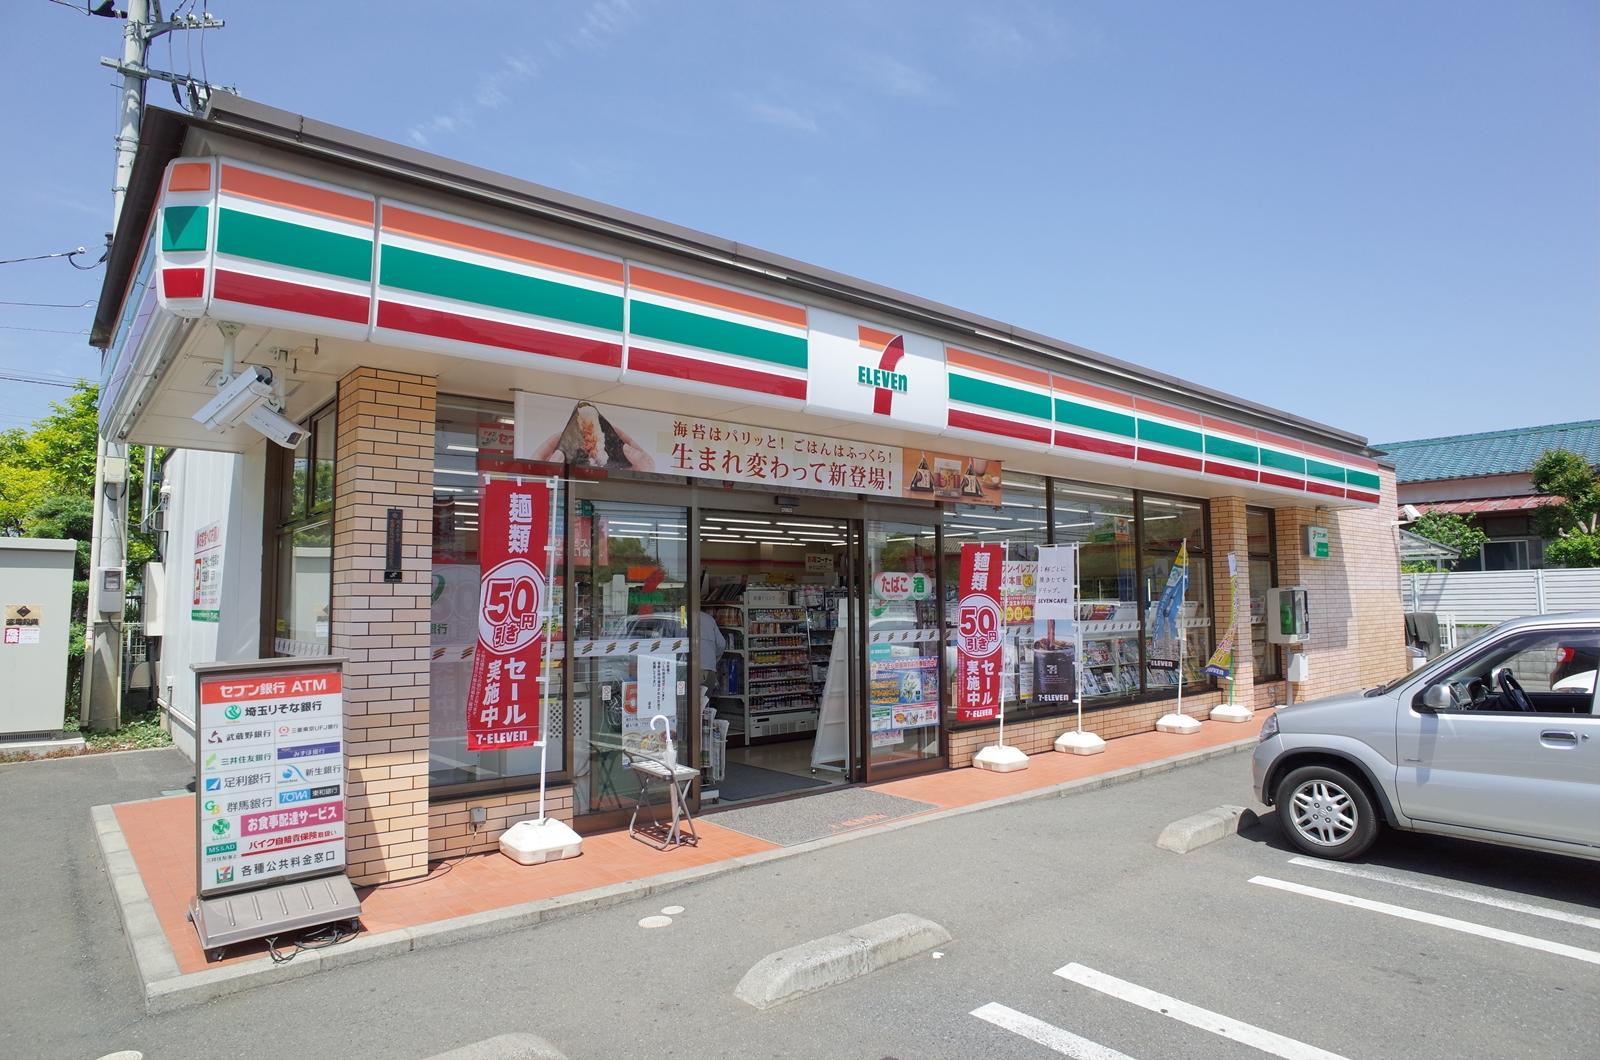 セブンイレブン所沢荒幡店